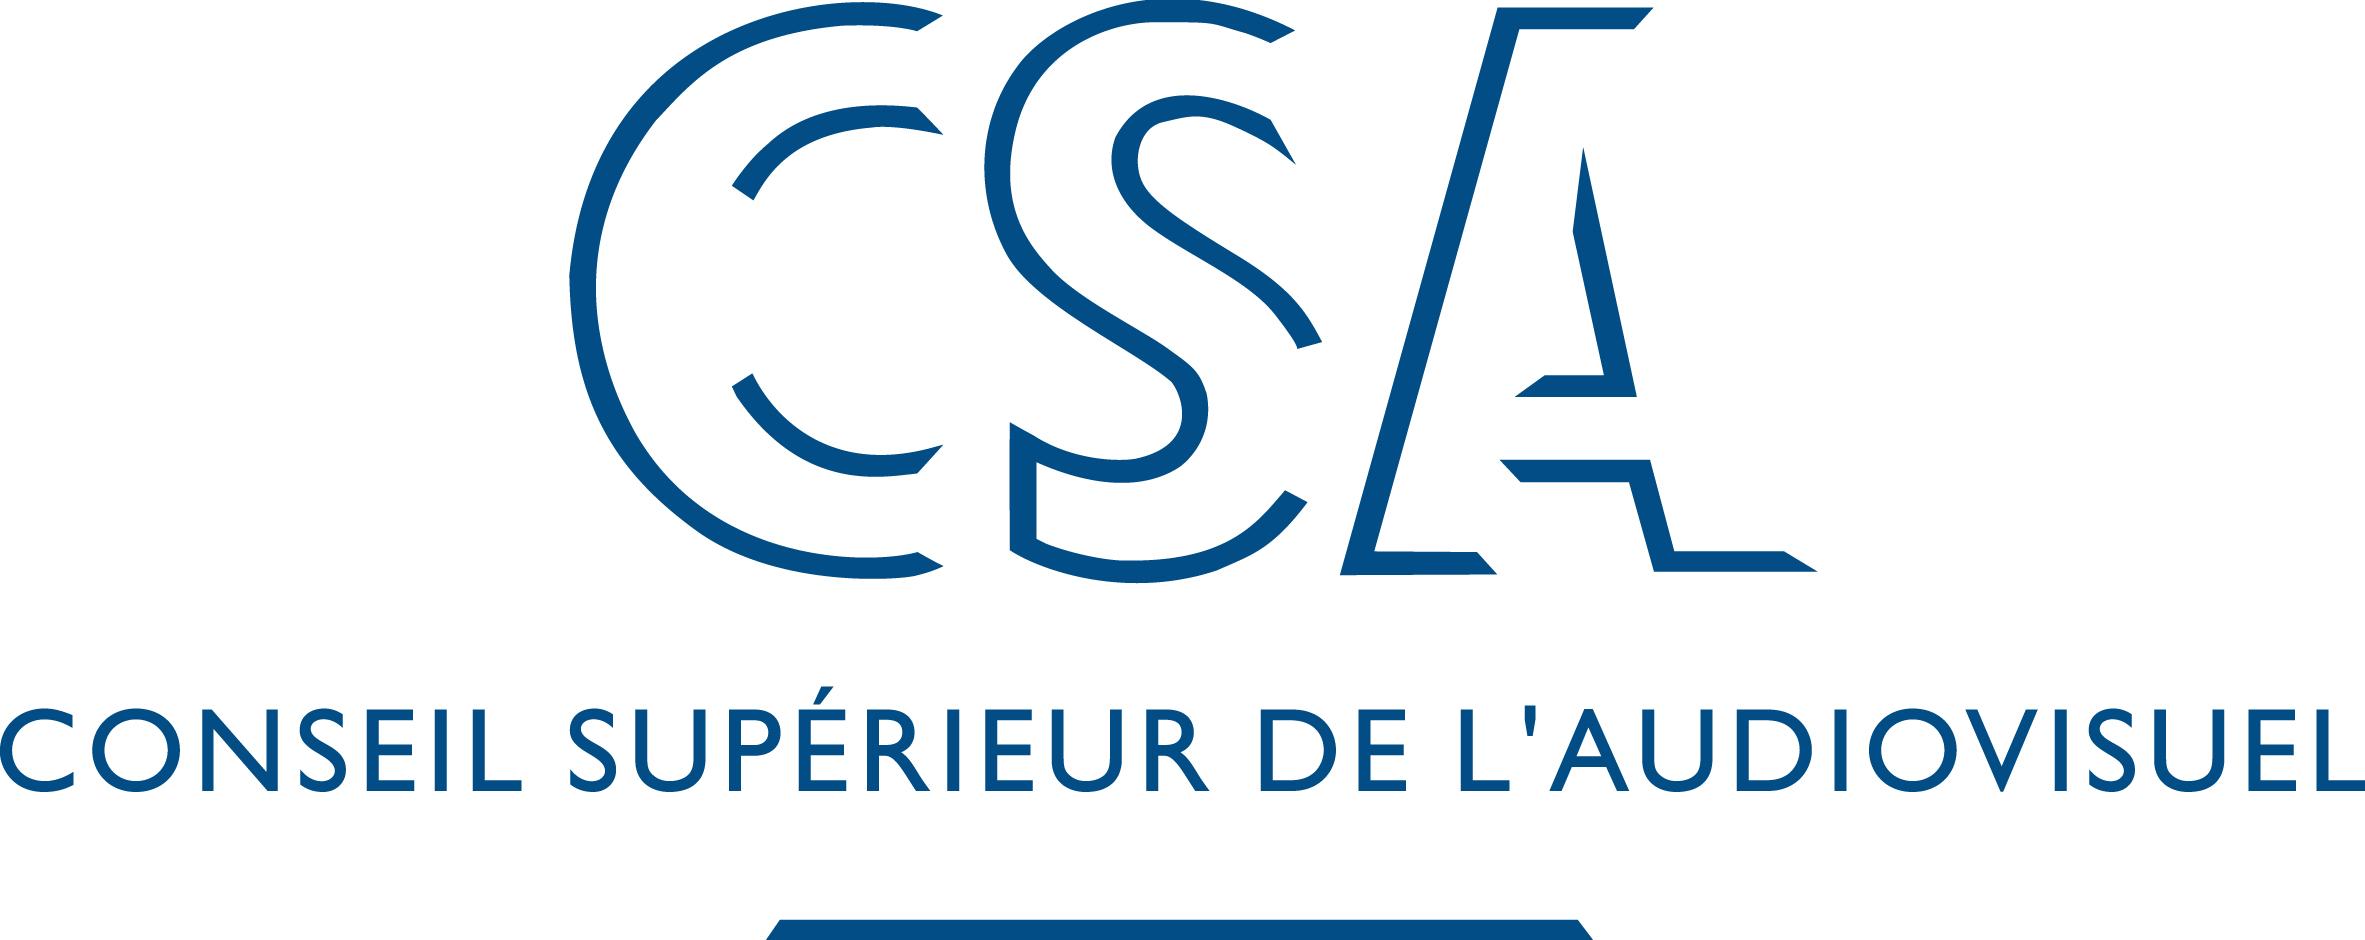 CSA : appels à candidatures à Toulouse et Dijon